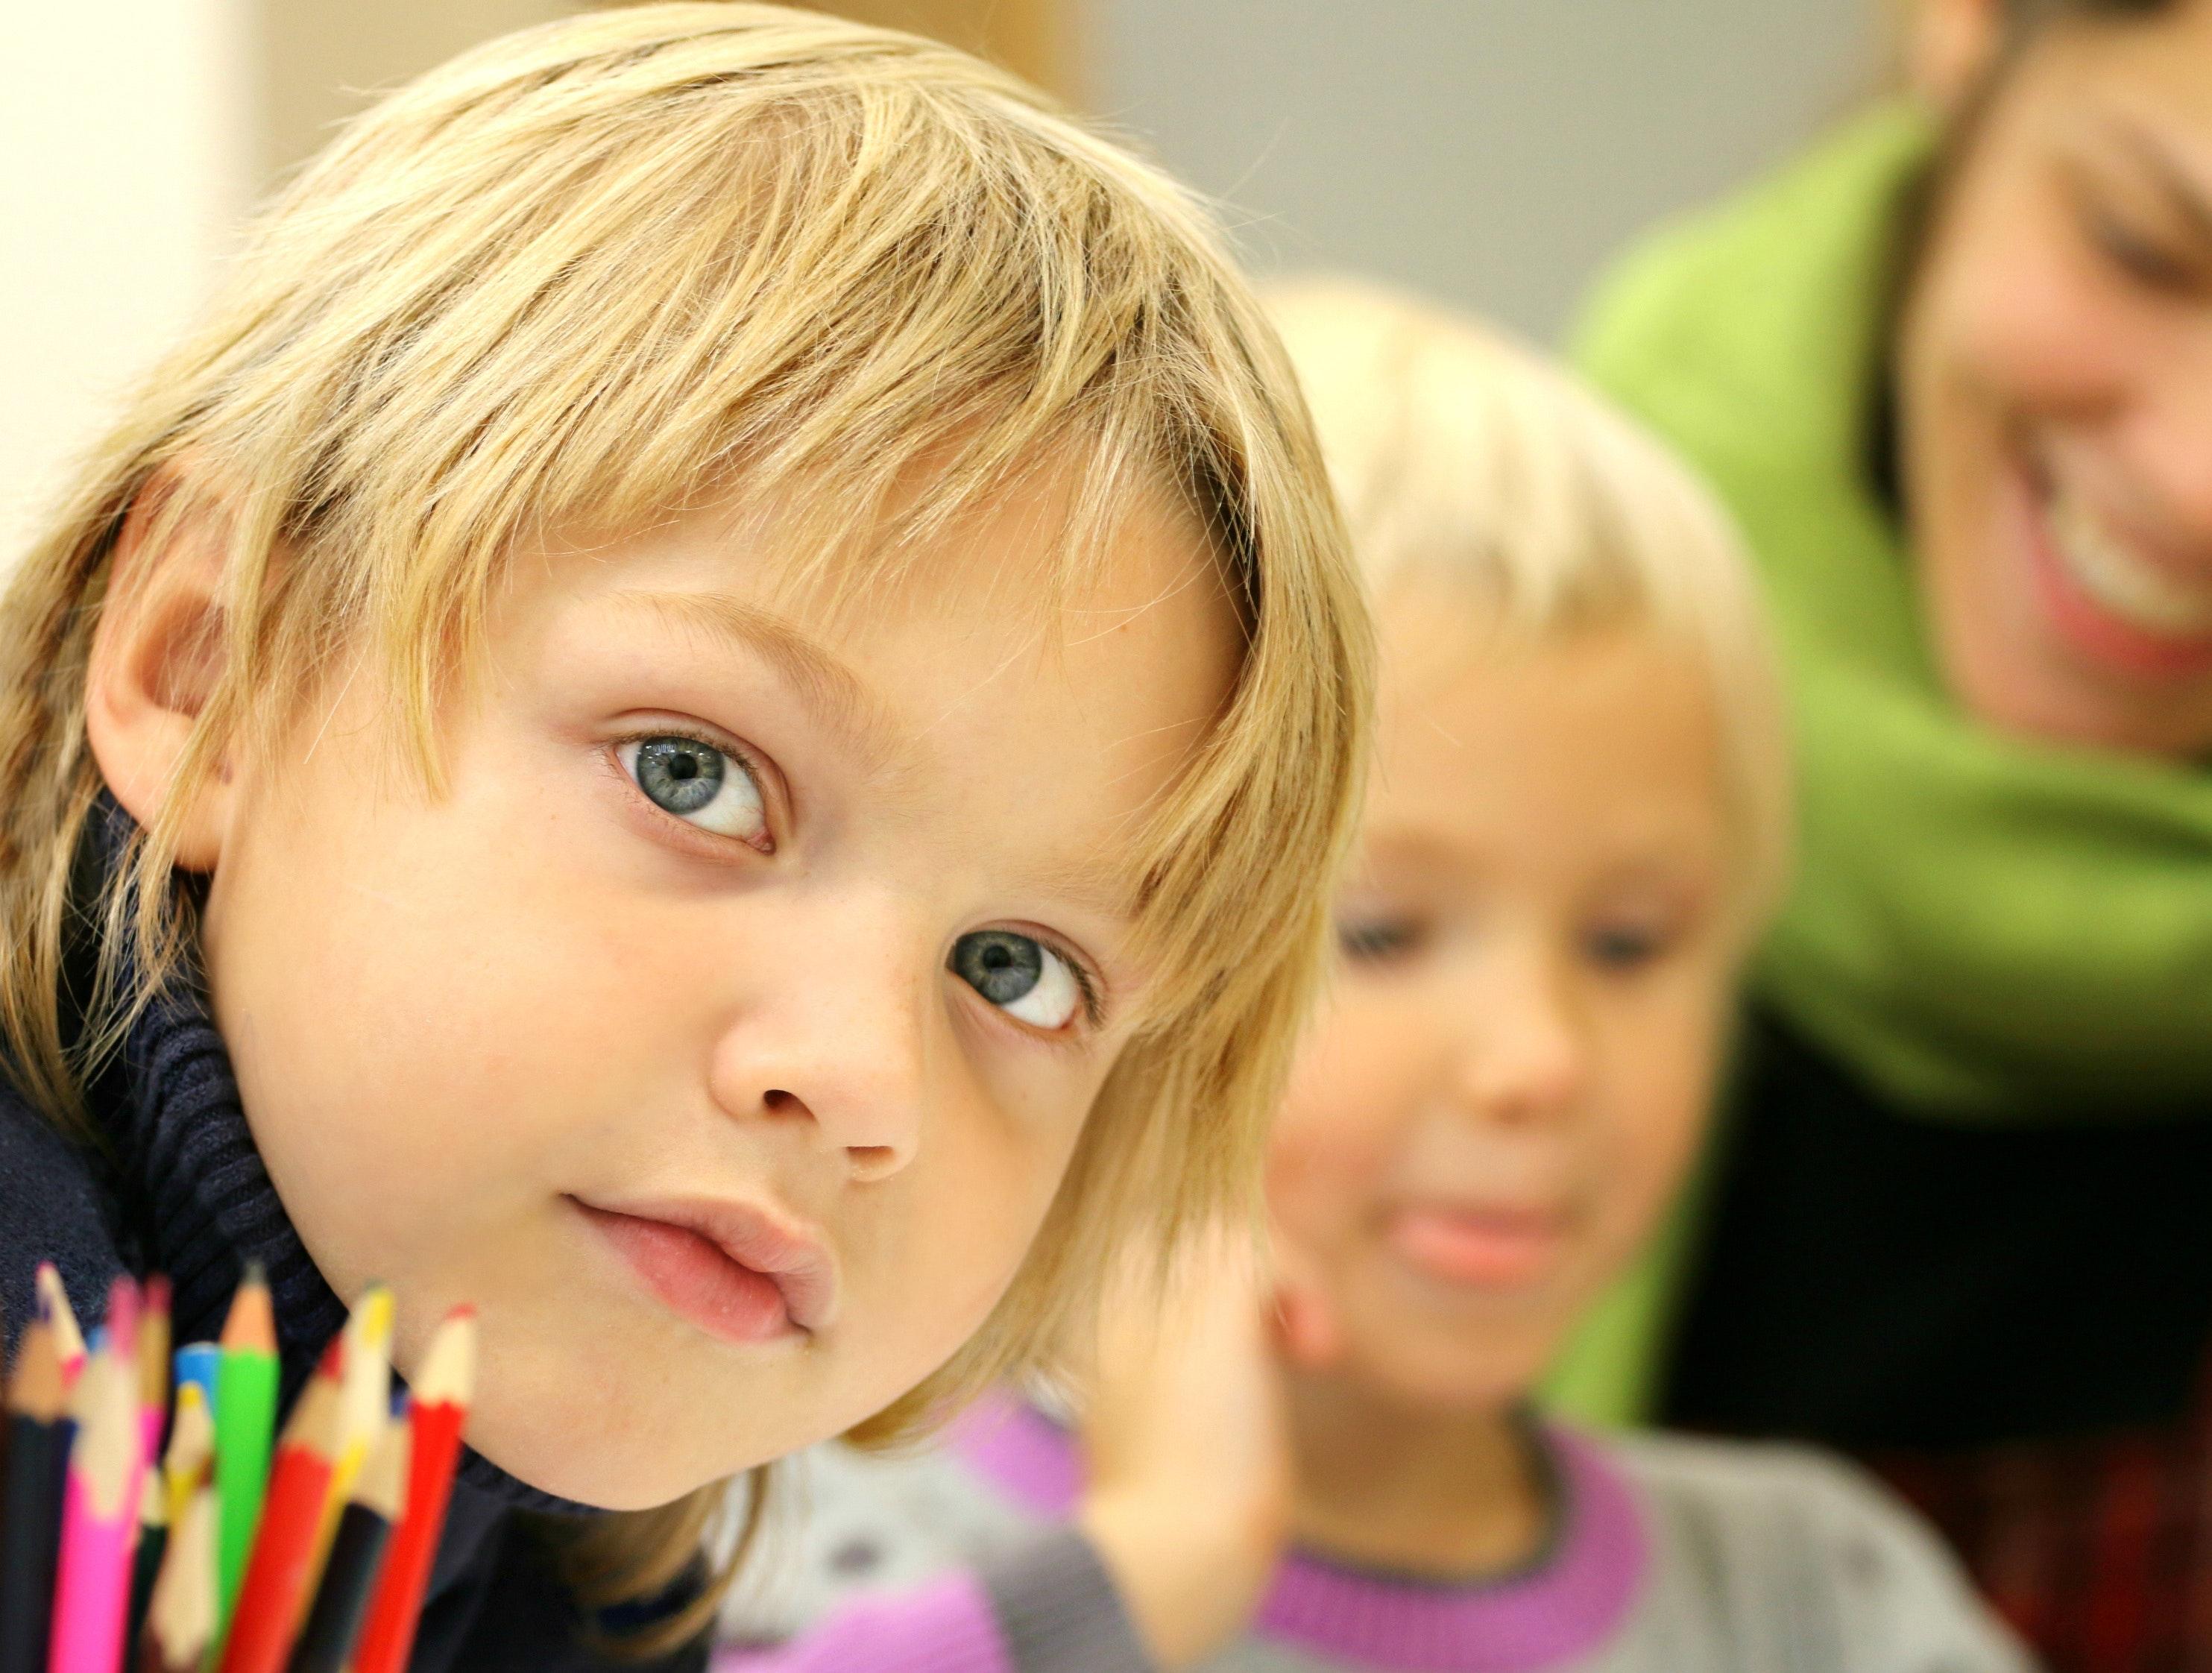 イギリスの小学校教育ー浅く広くの循環メソッド